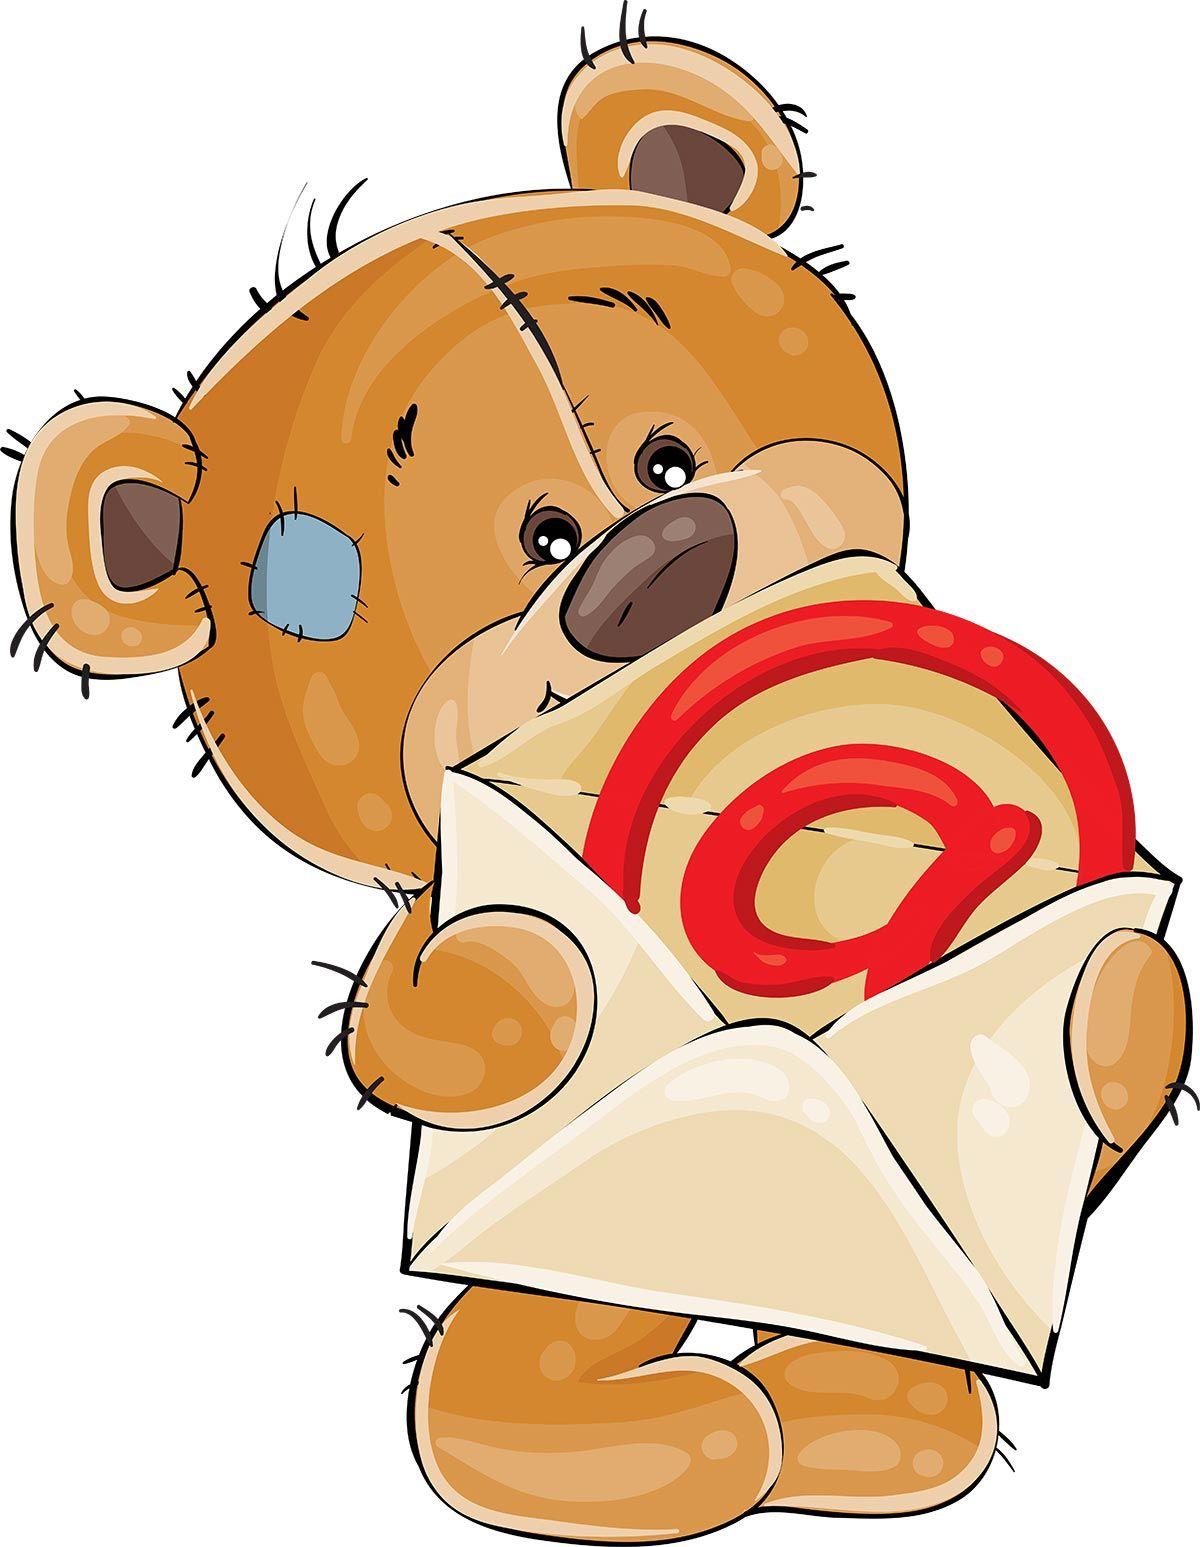 Pin By Adriana Rincon On Mishki Brown Teddy Bear Tatty Teddy Bear Design